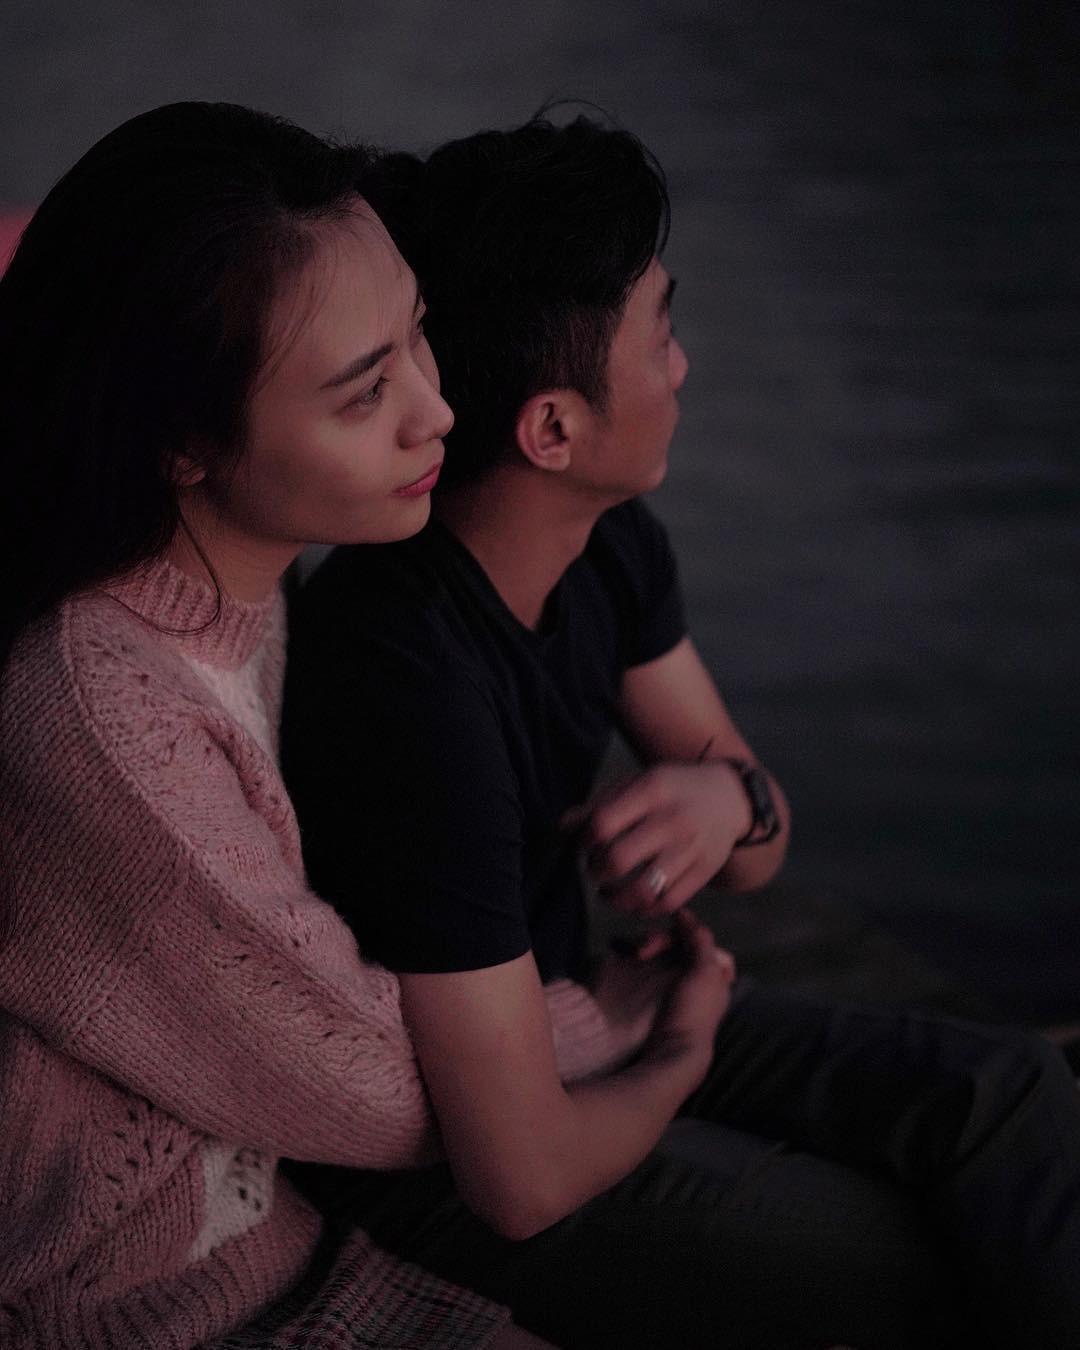 Đàm Thu Trang chúc mừng sinh nhật Cường Đô La vừa lãng mạn, vừa ấm áp - Ảnh 1.